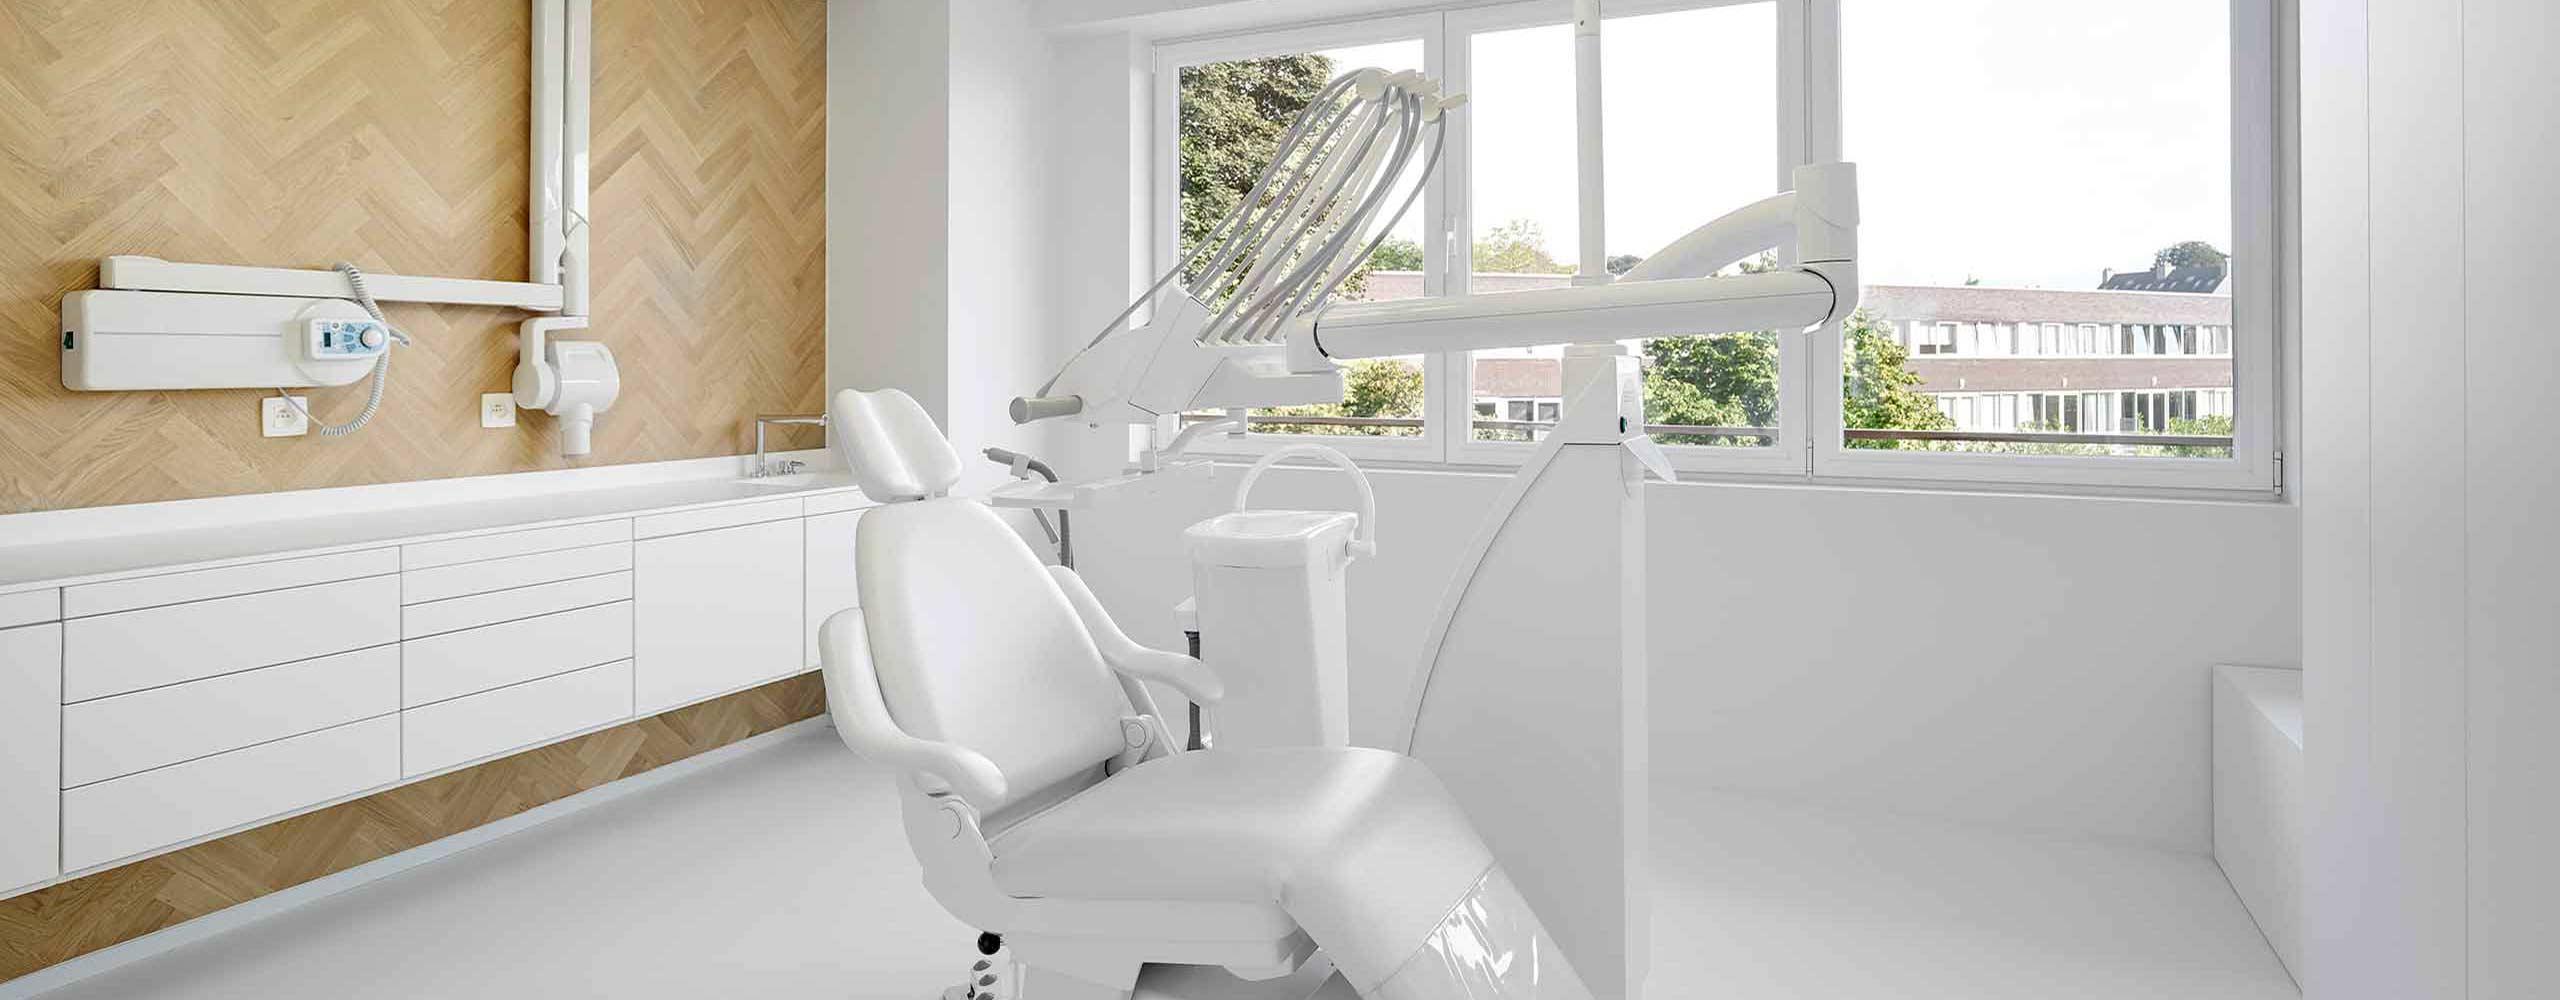 Tandlægestolen fås også som gulv unit